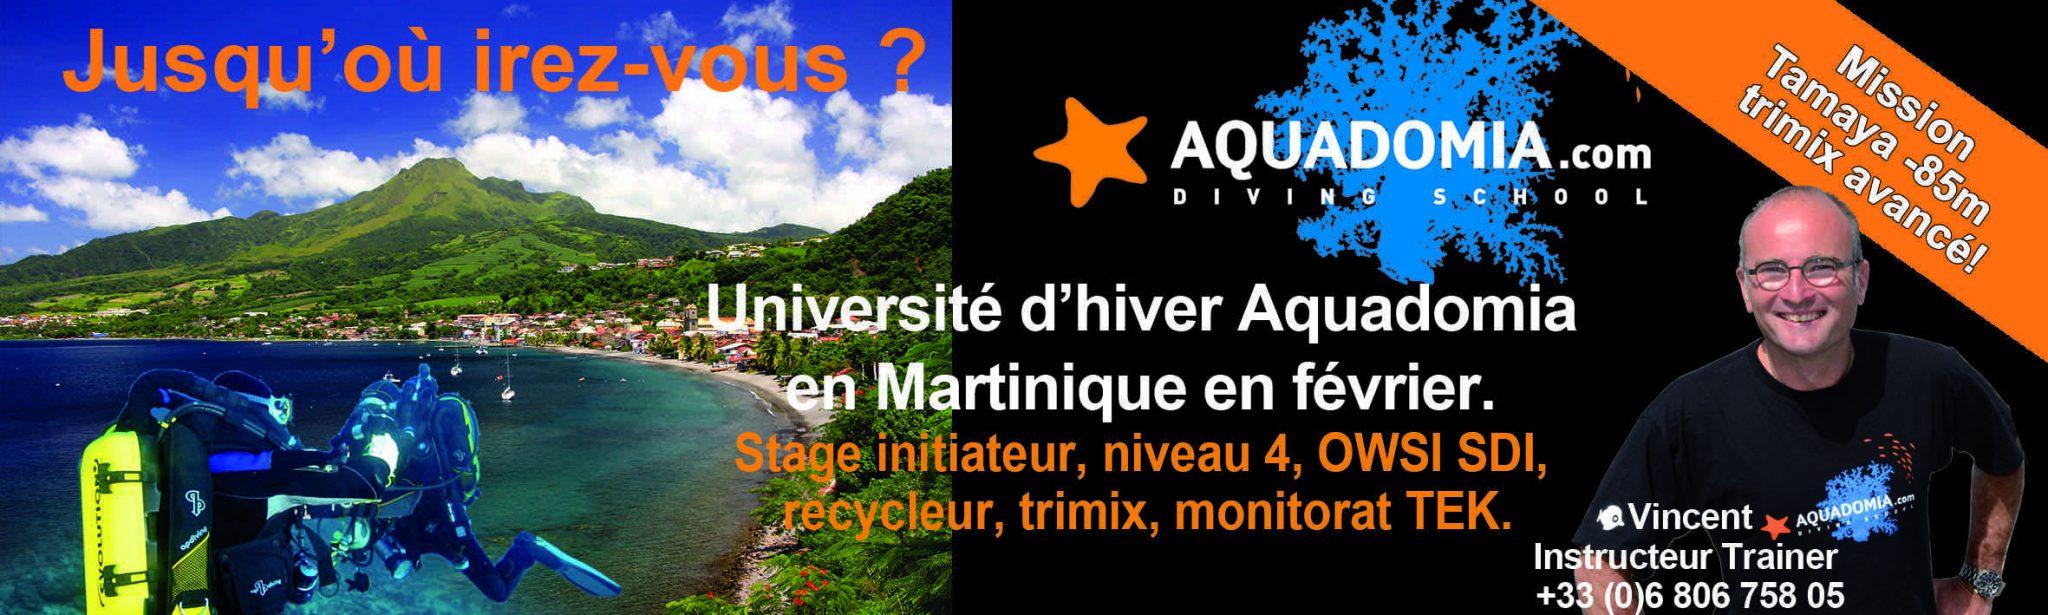 Université d'hiver Aquadomia - Mission Tamaya -